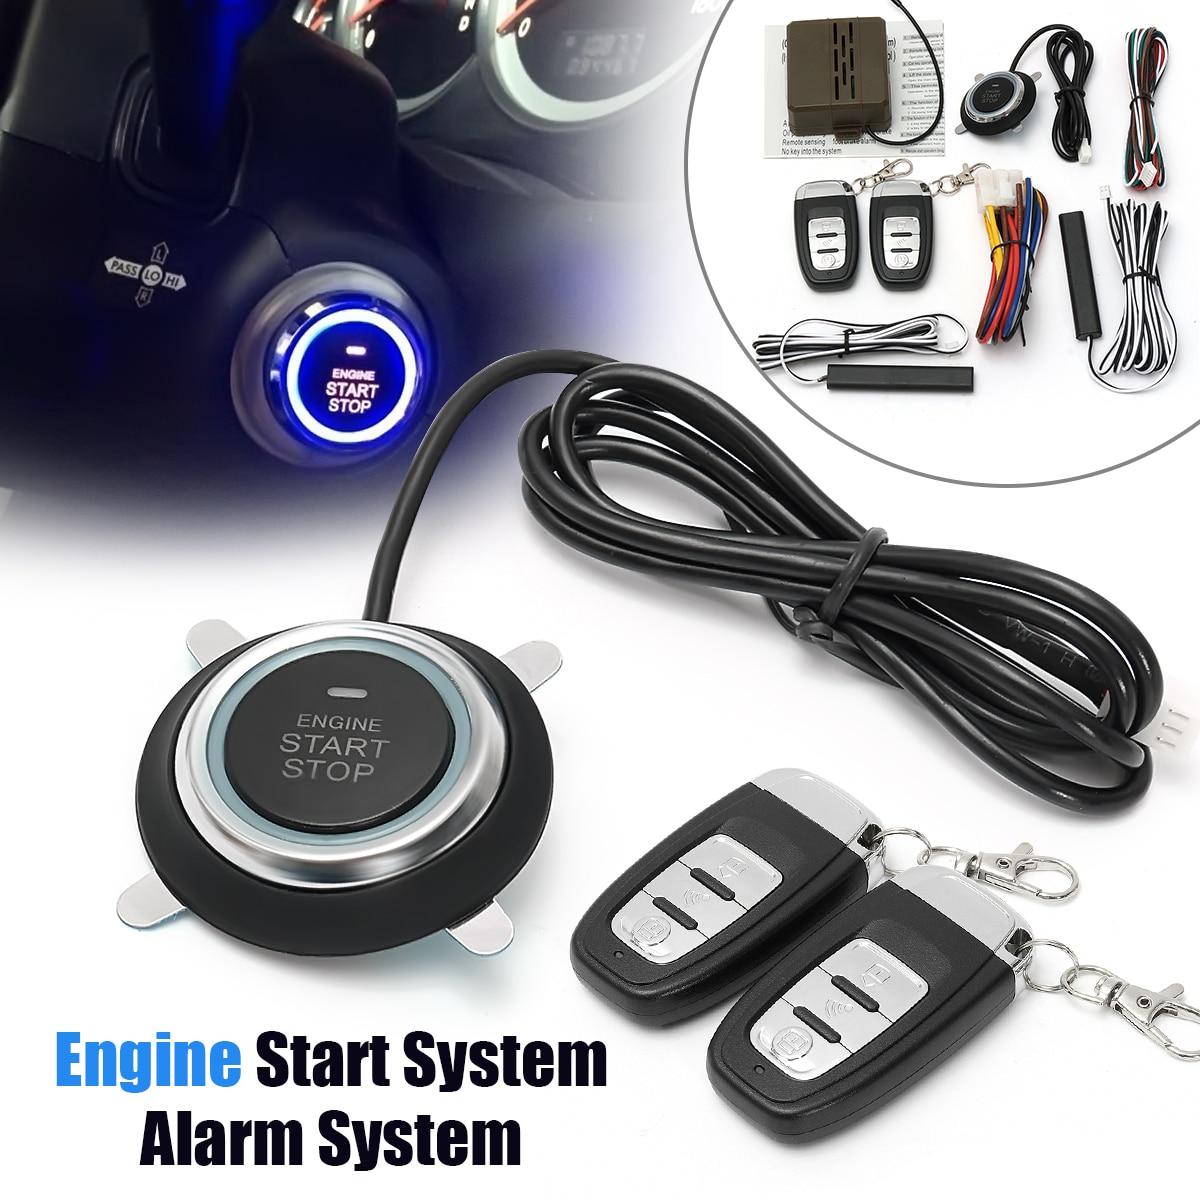 Автомобильный кнопочный пусковой стоп-система Mulitifuntion Smart E модели пульт дистанционного управления Автосигнализация запуск Автозапуск сис...